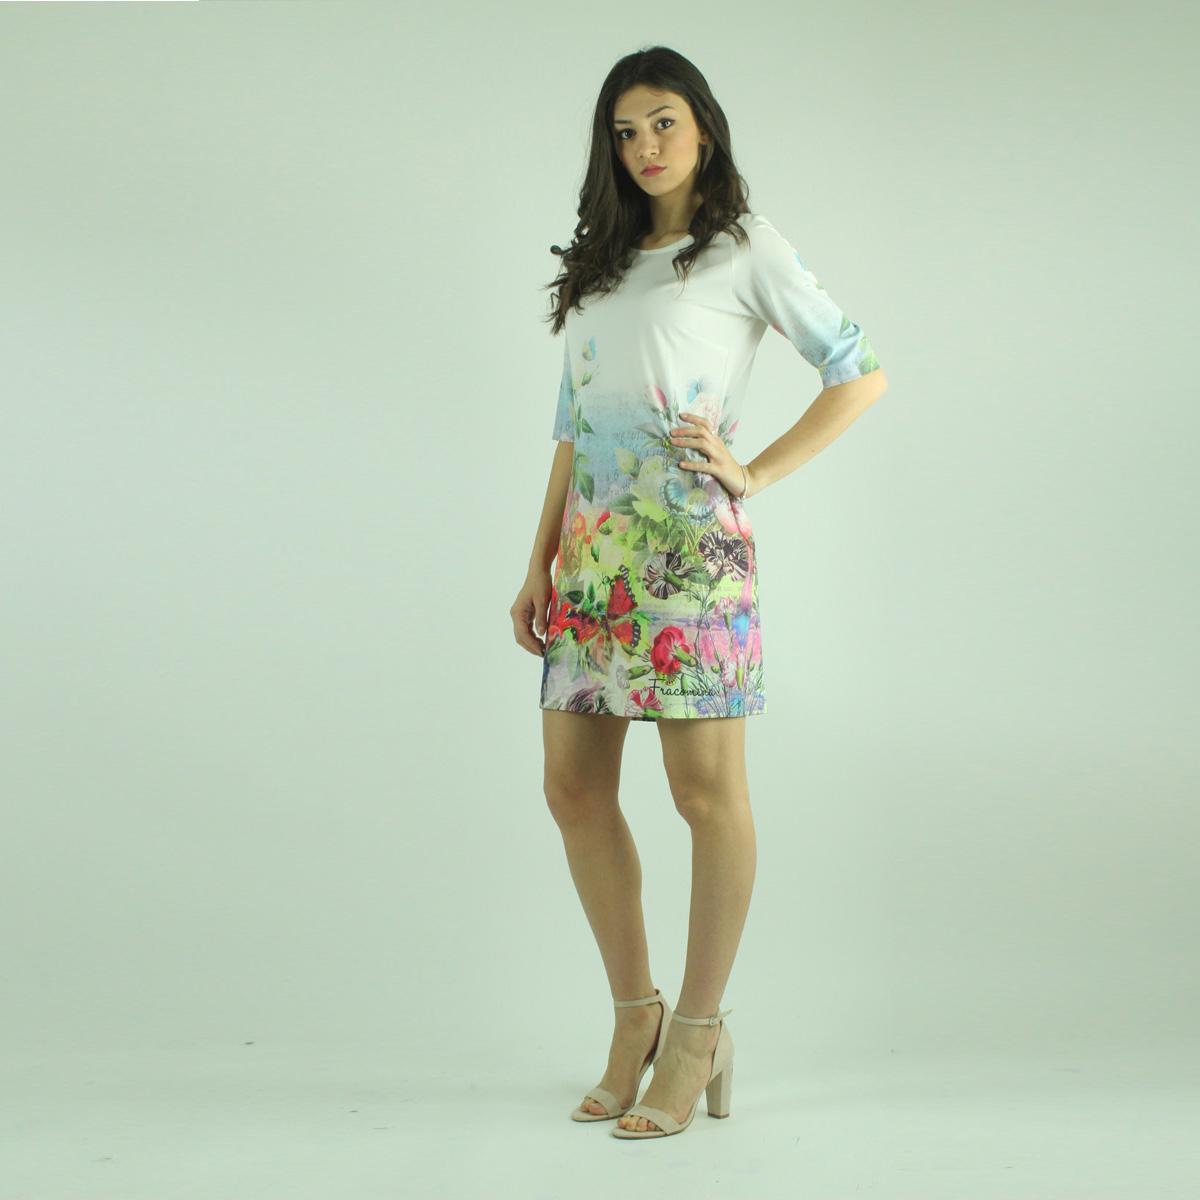 9b04fb53a16a Abito bianco fantasia floreale FRACOMINA abbigliamento firmato donna  accessori firmati emilia romagna ingrosso vendita abbigliamento stock